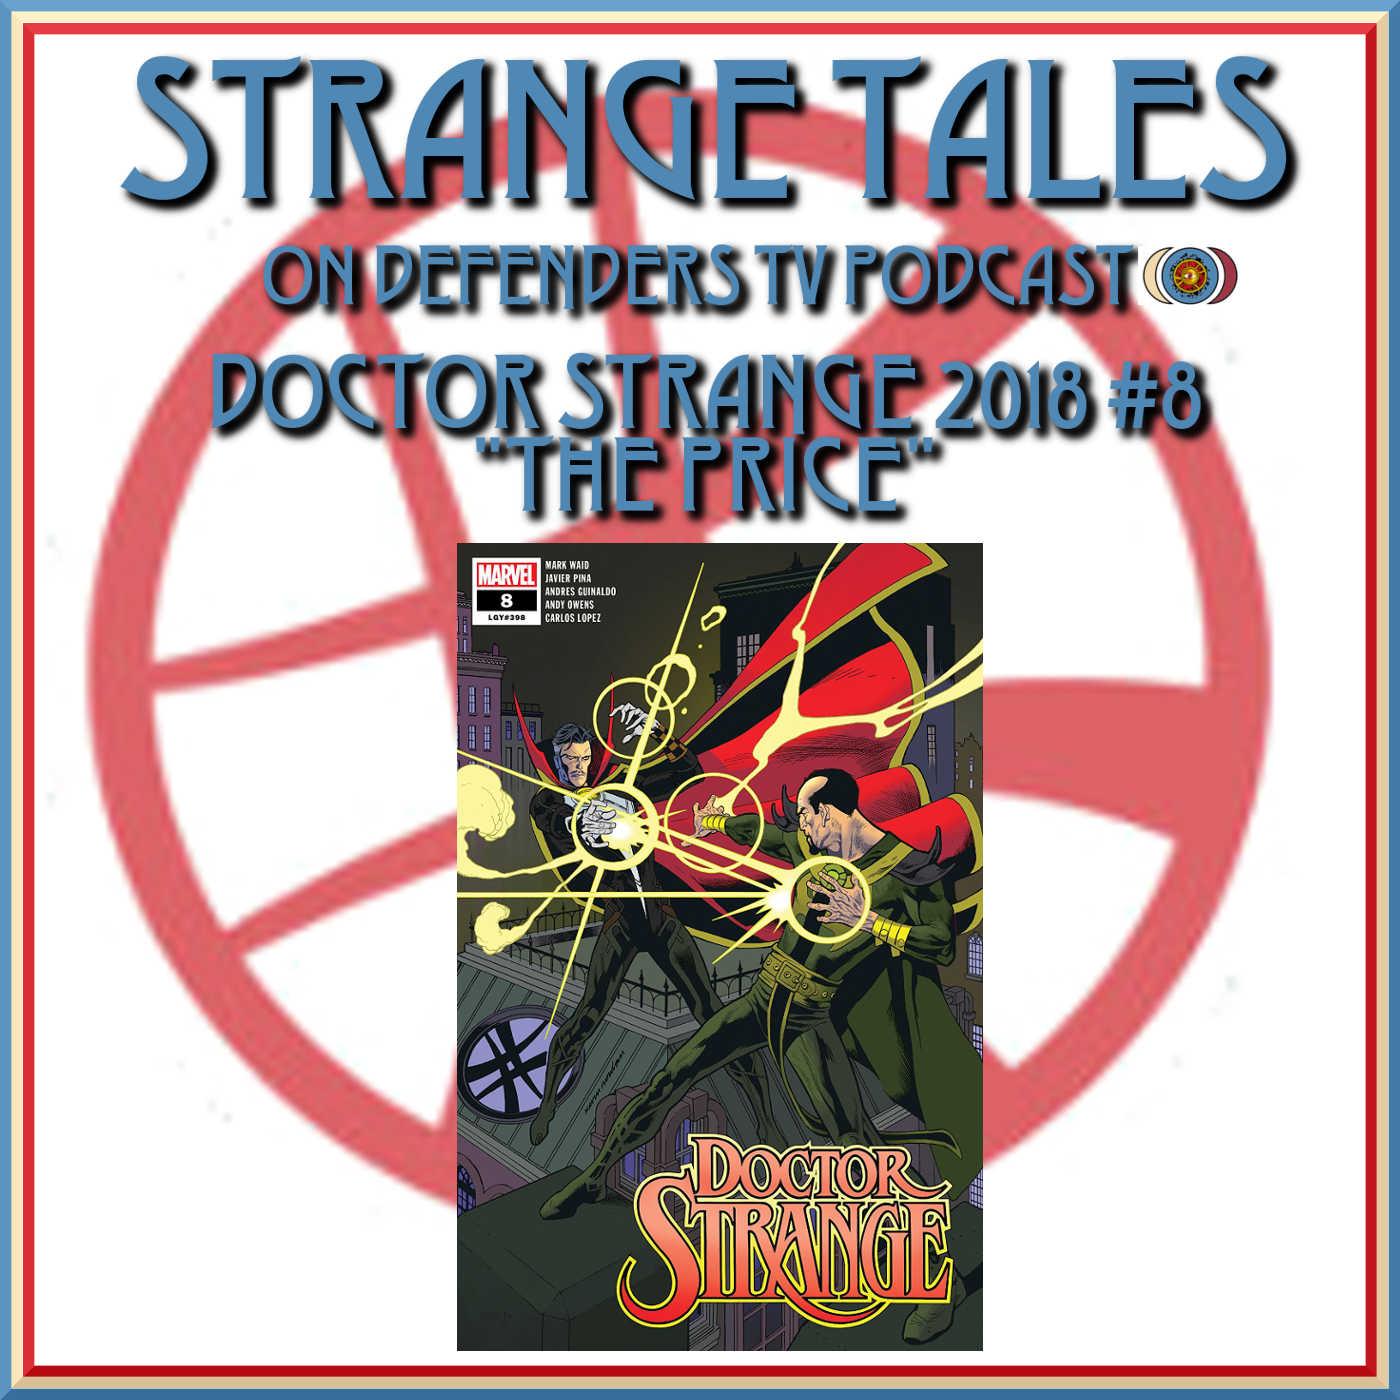 Doctor Strange 2018 Issue 8